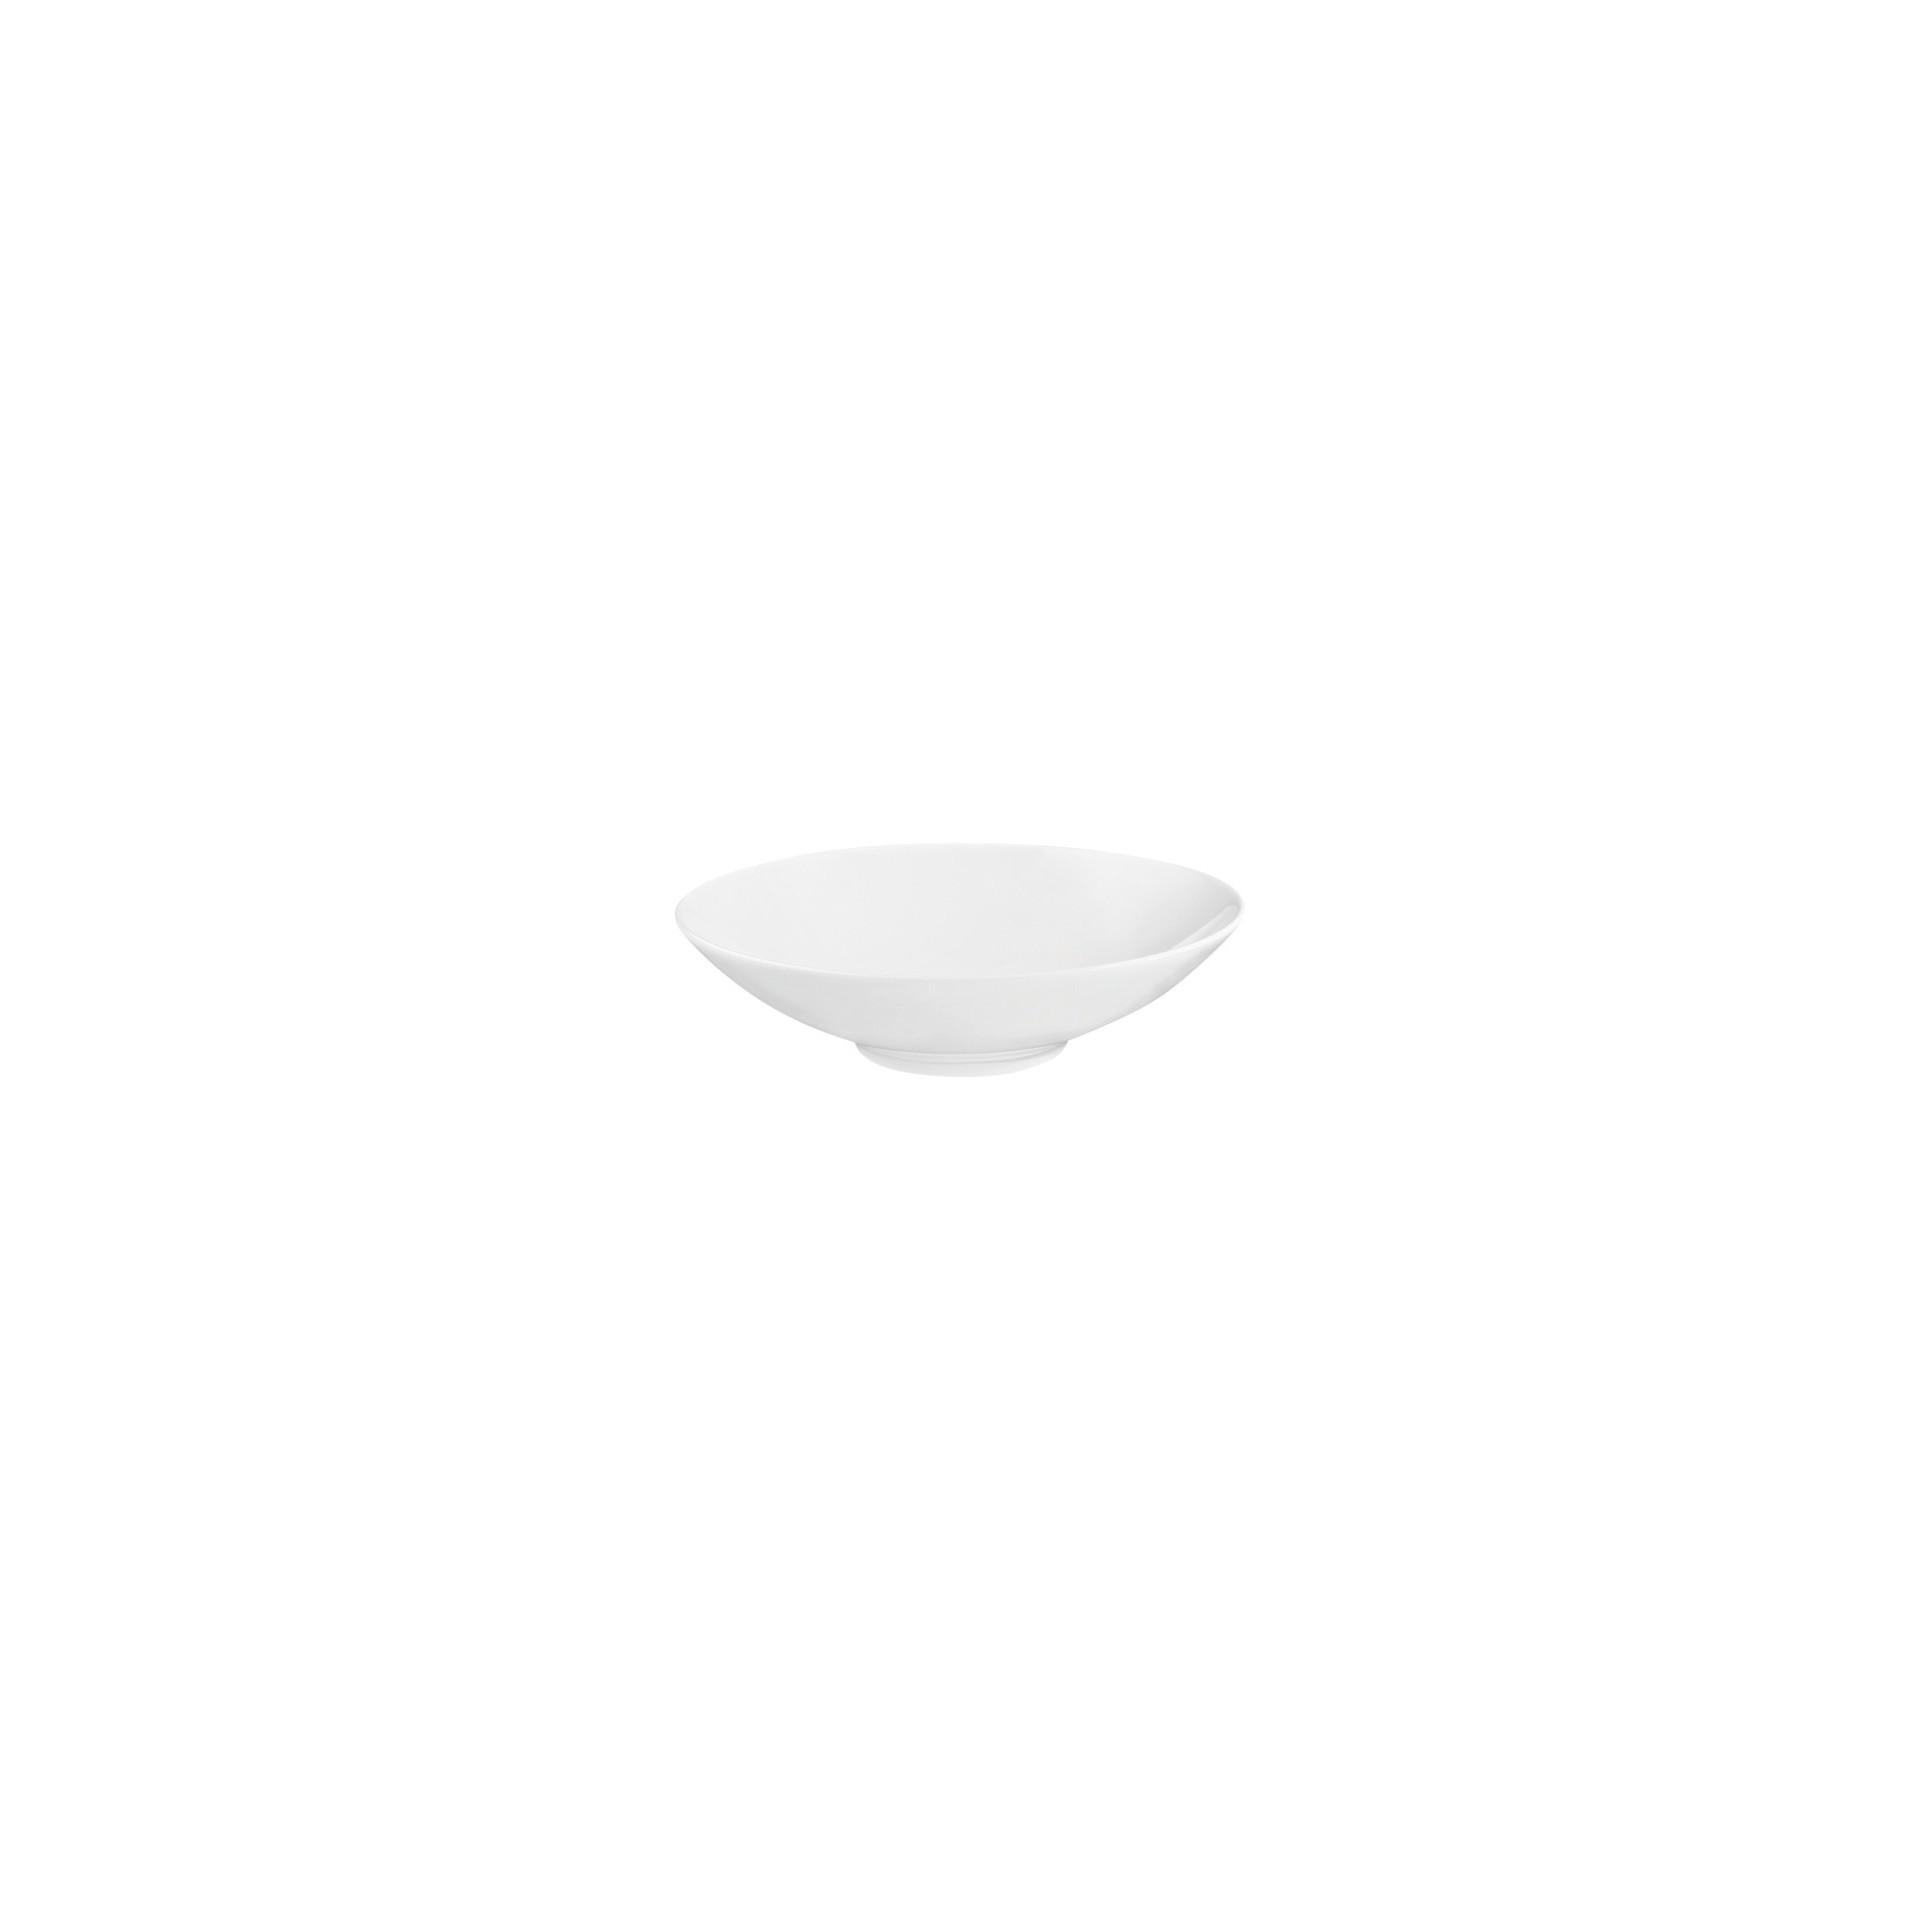 Coup Fine Dining, Coupschale ø 200 mm / 0,74 l weiß uni